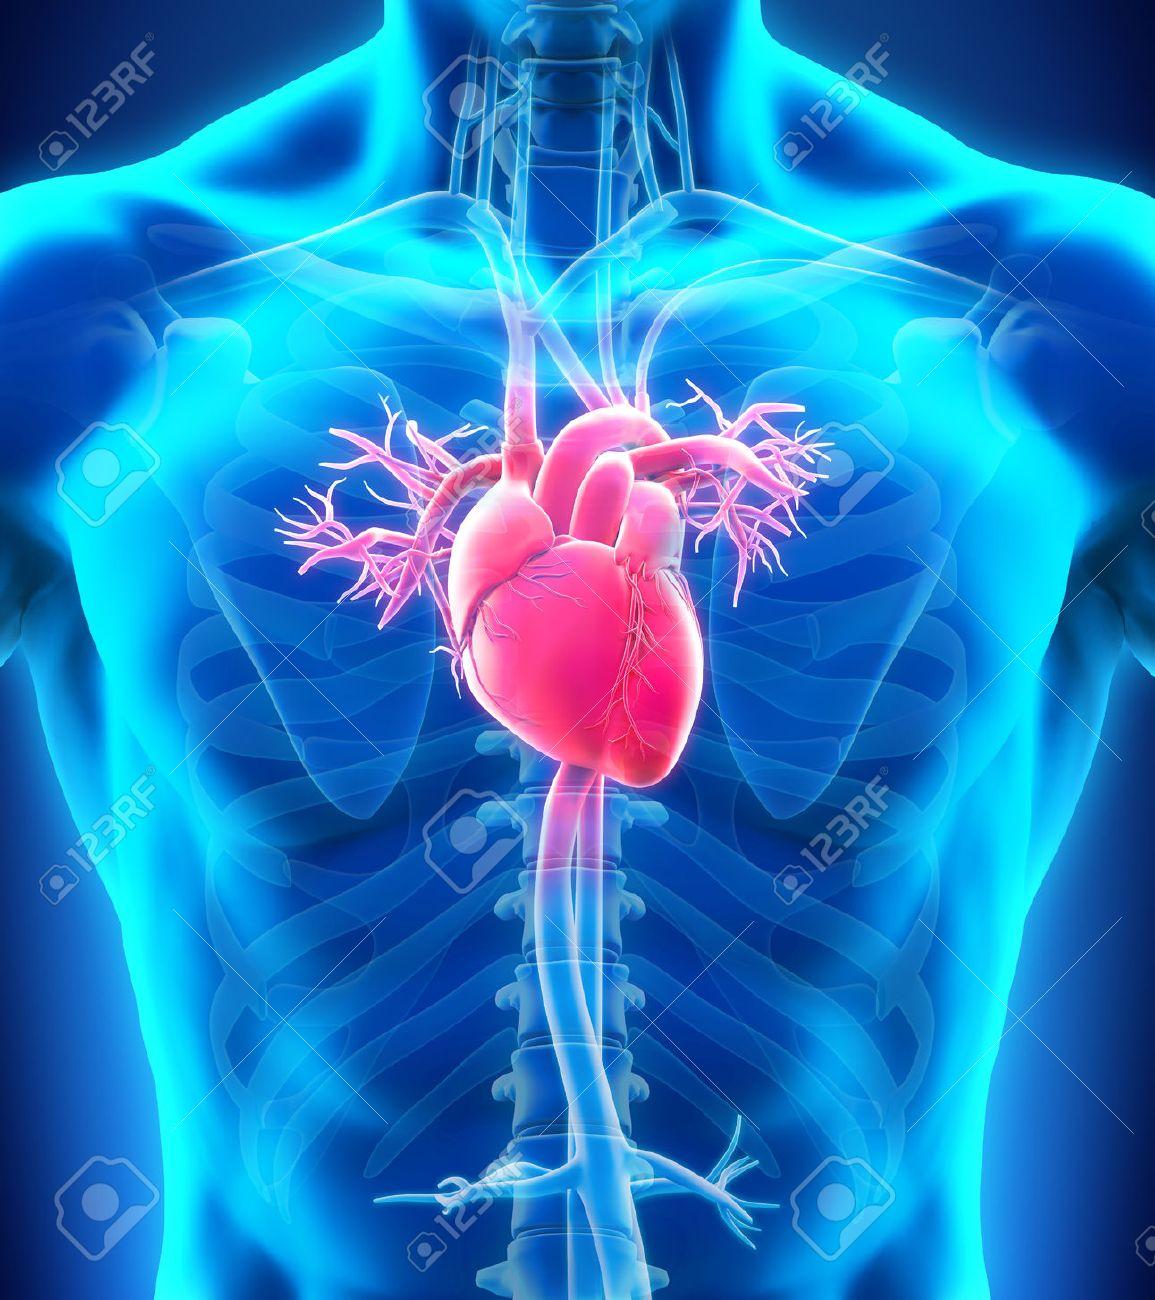 Anatomía Del Corazón Humano Fotos, Retratos, Imágenes Y Fotografía ...